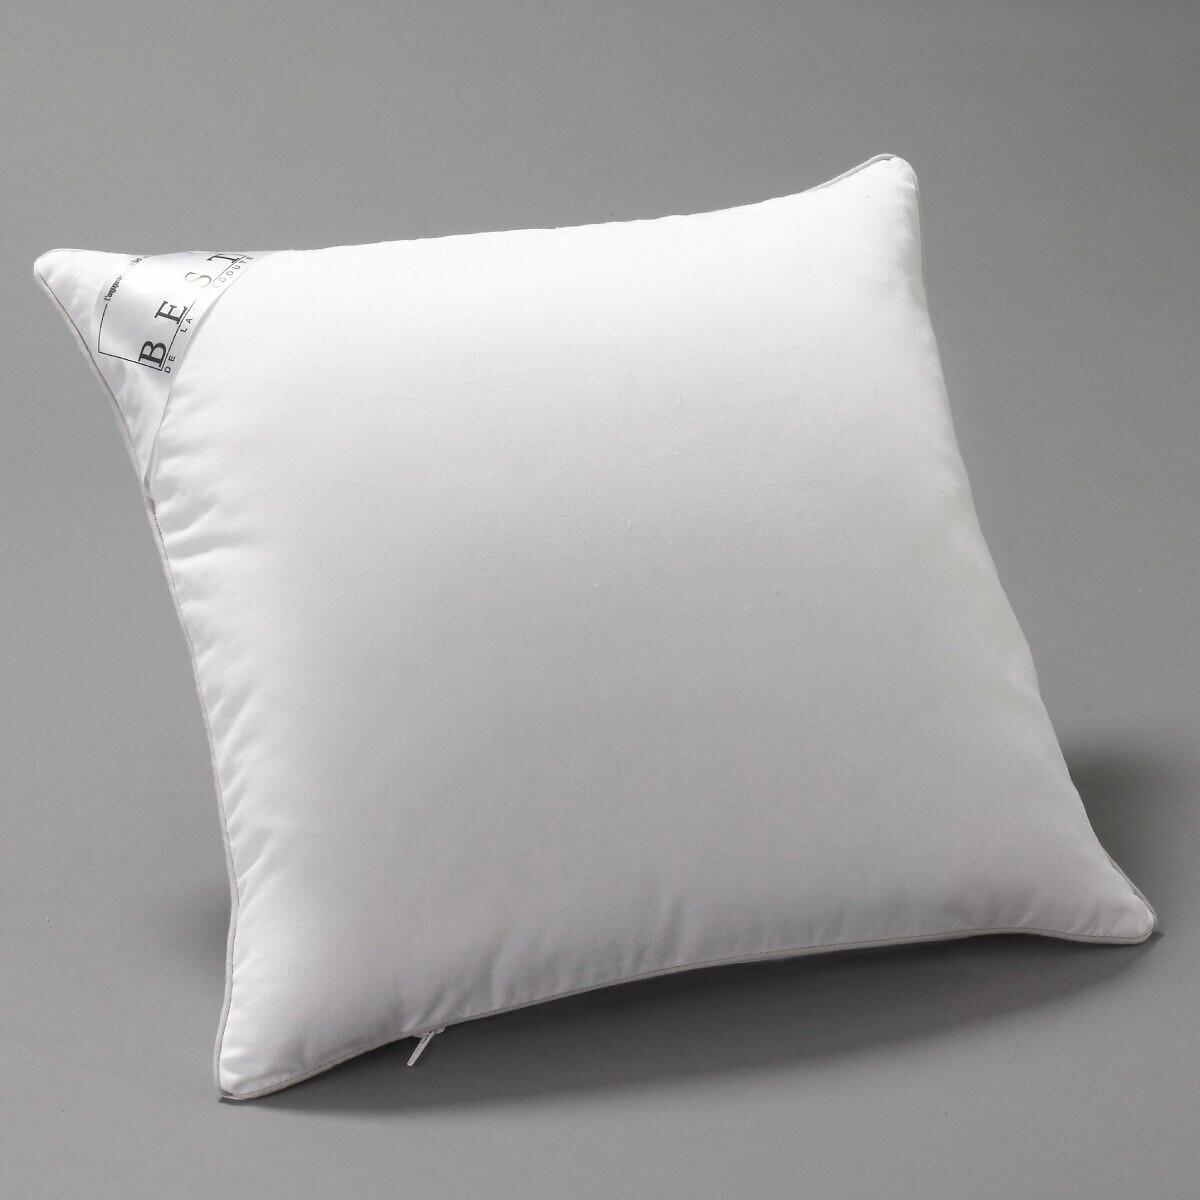 Фото - Подушка LaRedoute Пышная из синтетики с пропиткой proneem 40 x 40 см белый подушка laredoute жесткая из латекса с пропиткой proneem 50 x 70 см белый